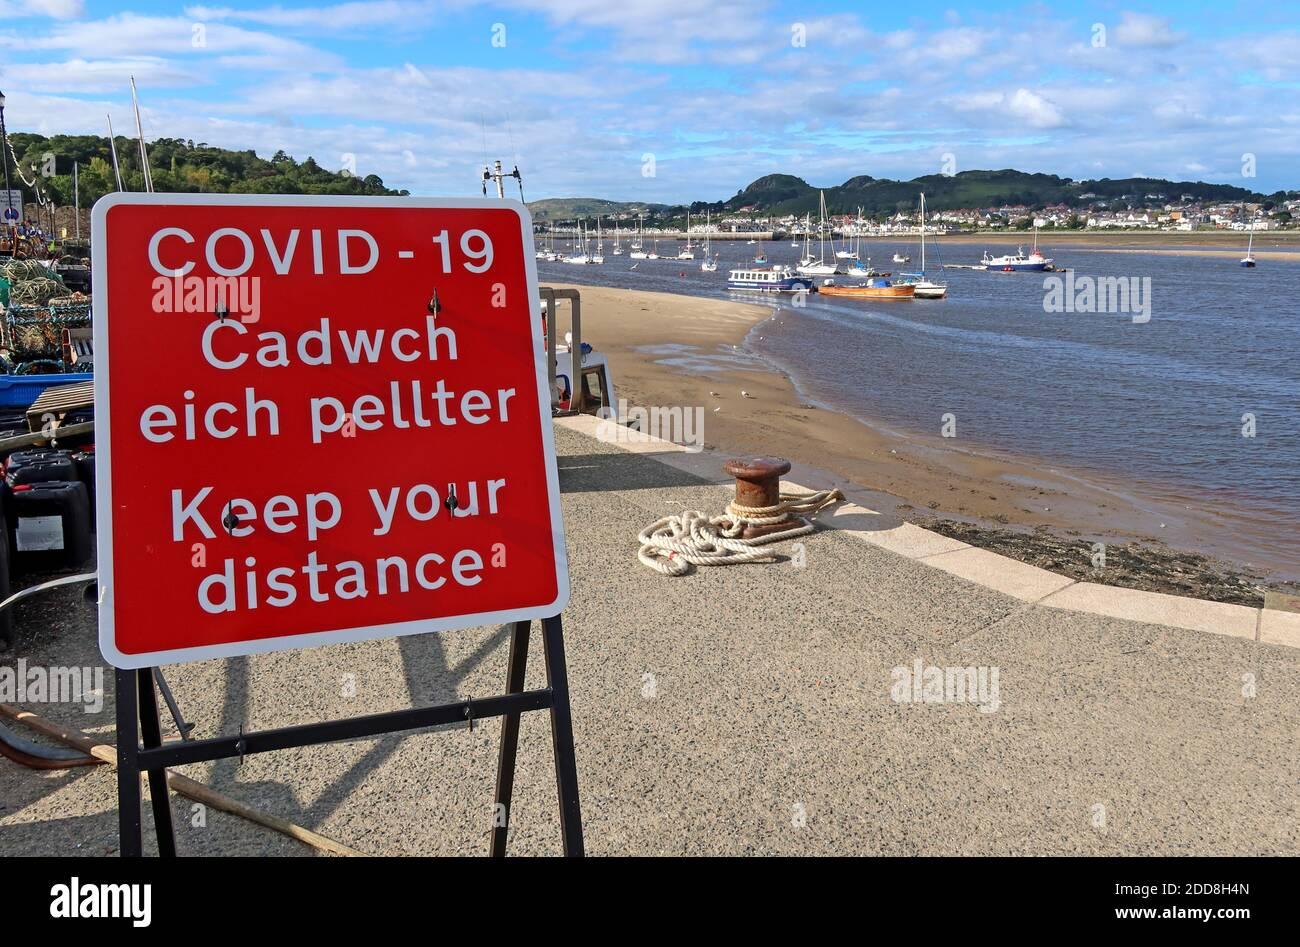 Dieses Stockfoto: Conwy Quay, Strand, Covid-19, halten Sie Ihre Entfernung, Schilder, am Hafen, North Wales, Großbritannien, LL32 - 2DD8H4